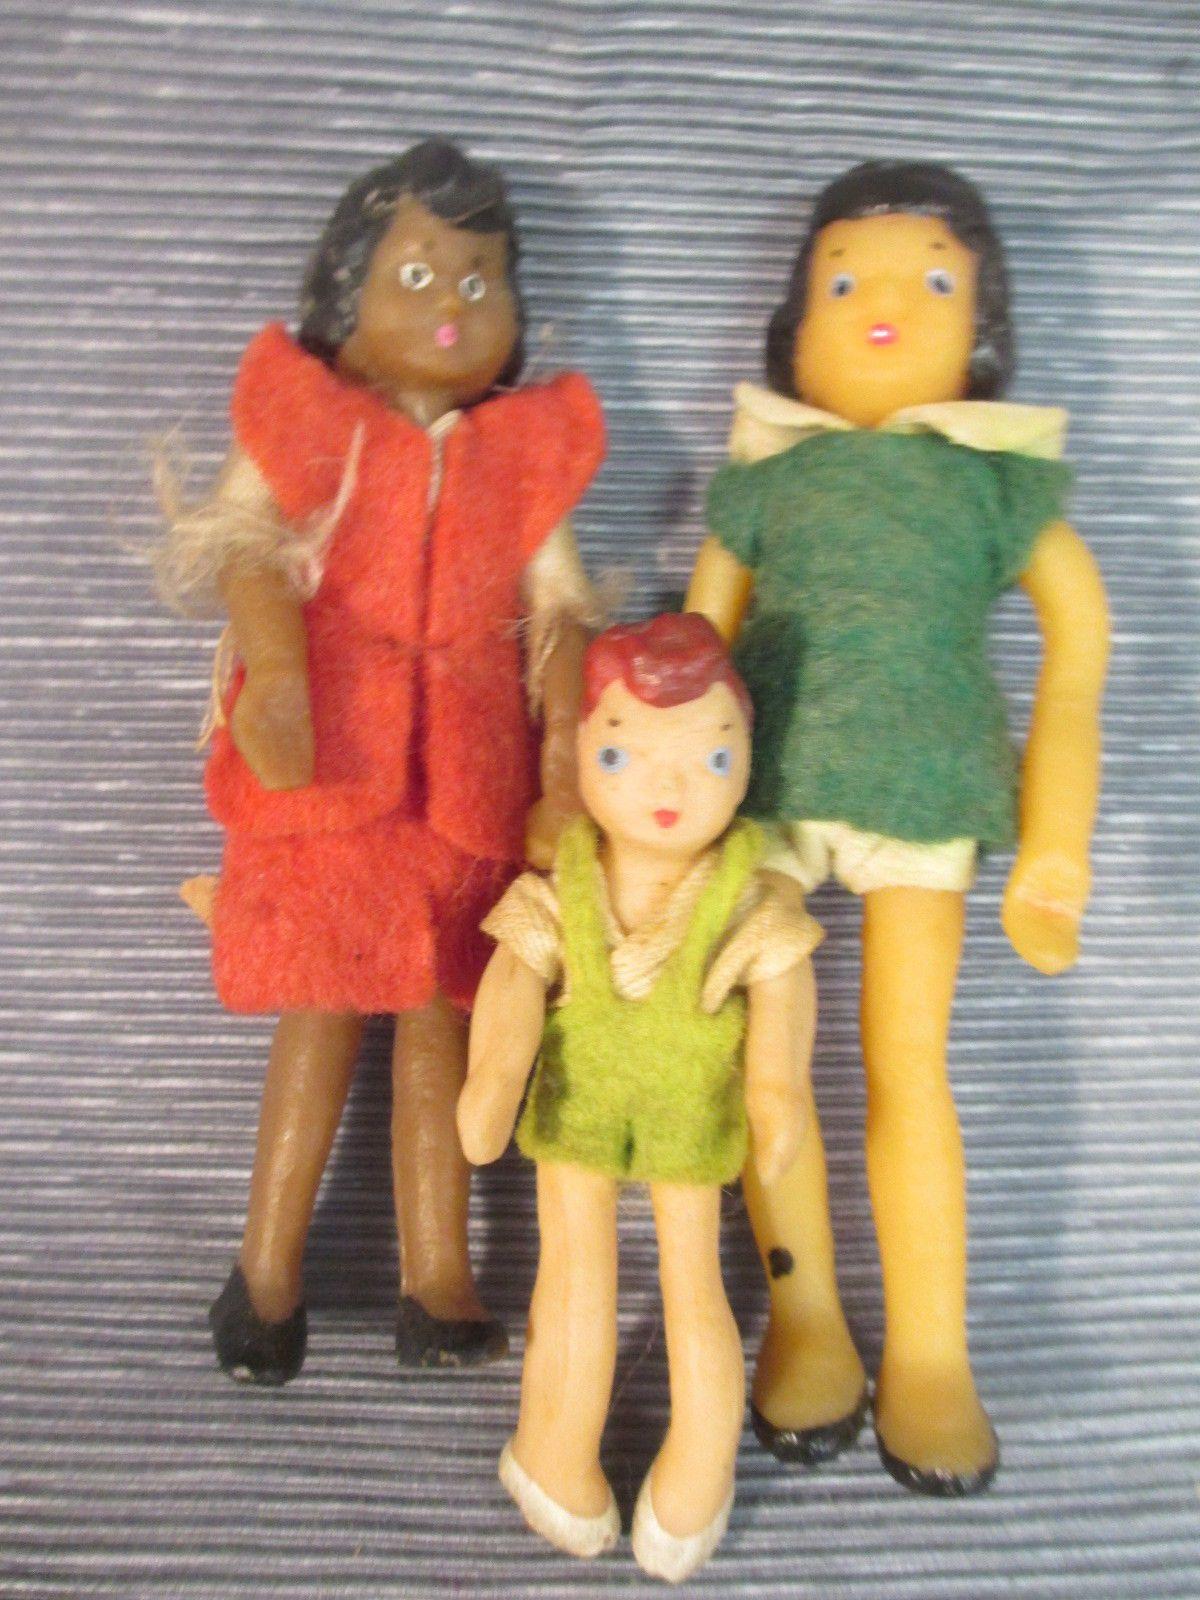 Vintage Bendable Vinyl Dollhouse Dolls Felt Clohting Lot of 3   eBay ...